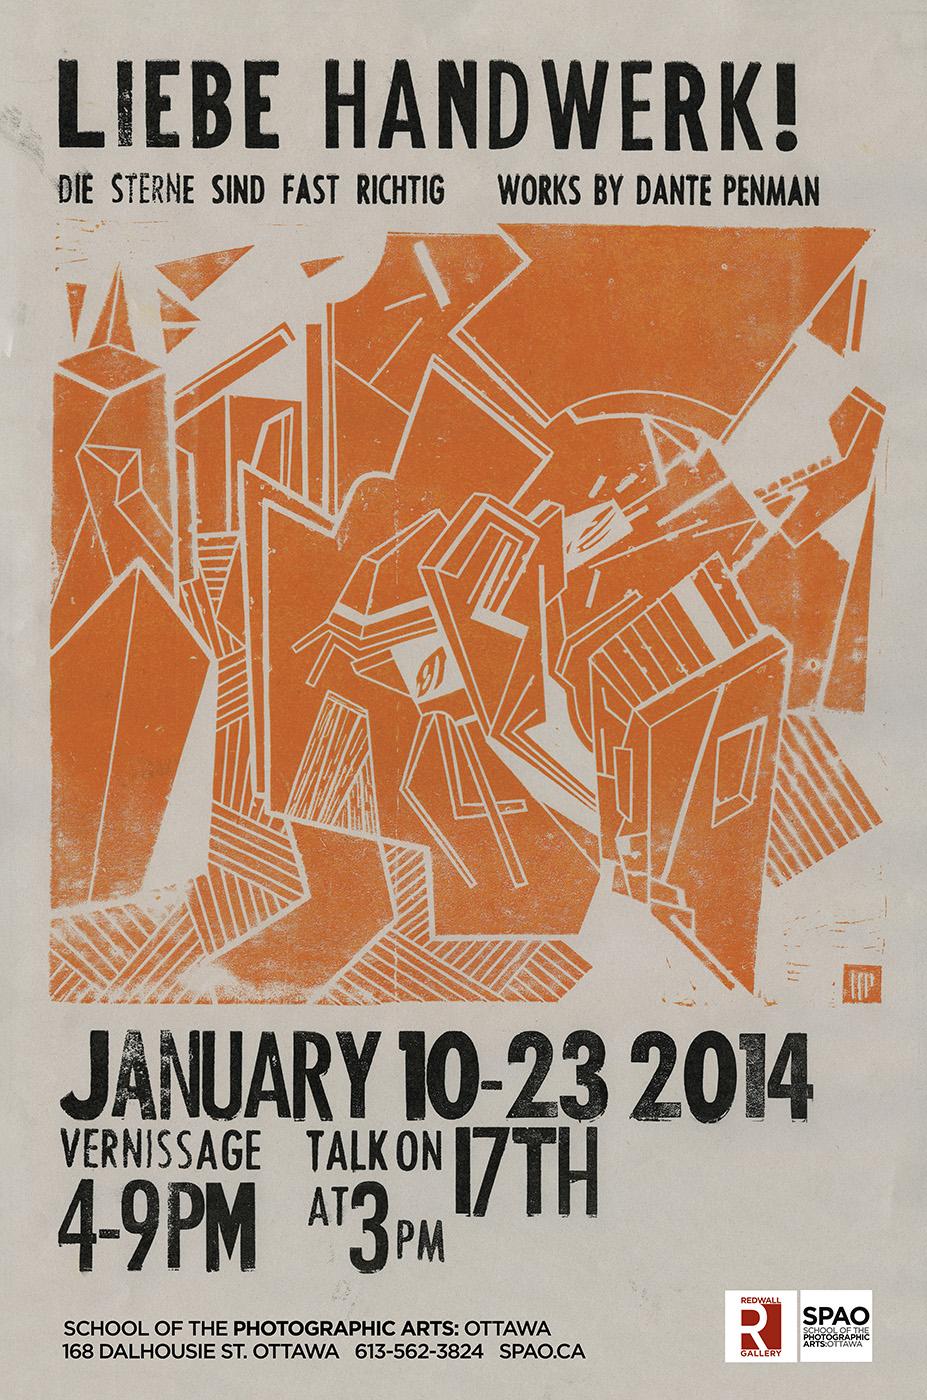 Poster for 'Liebe Handwerk!', Linocut and letterpress on newsprint, 2014